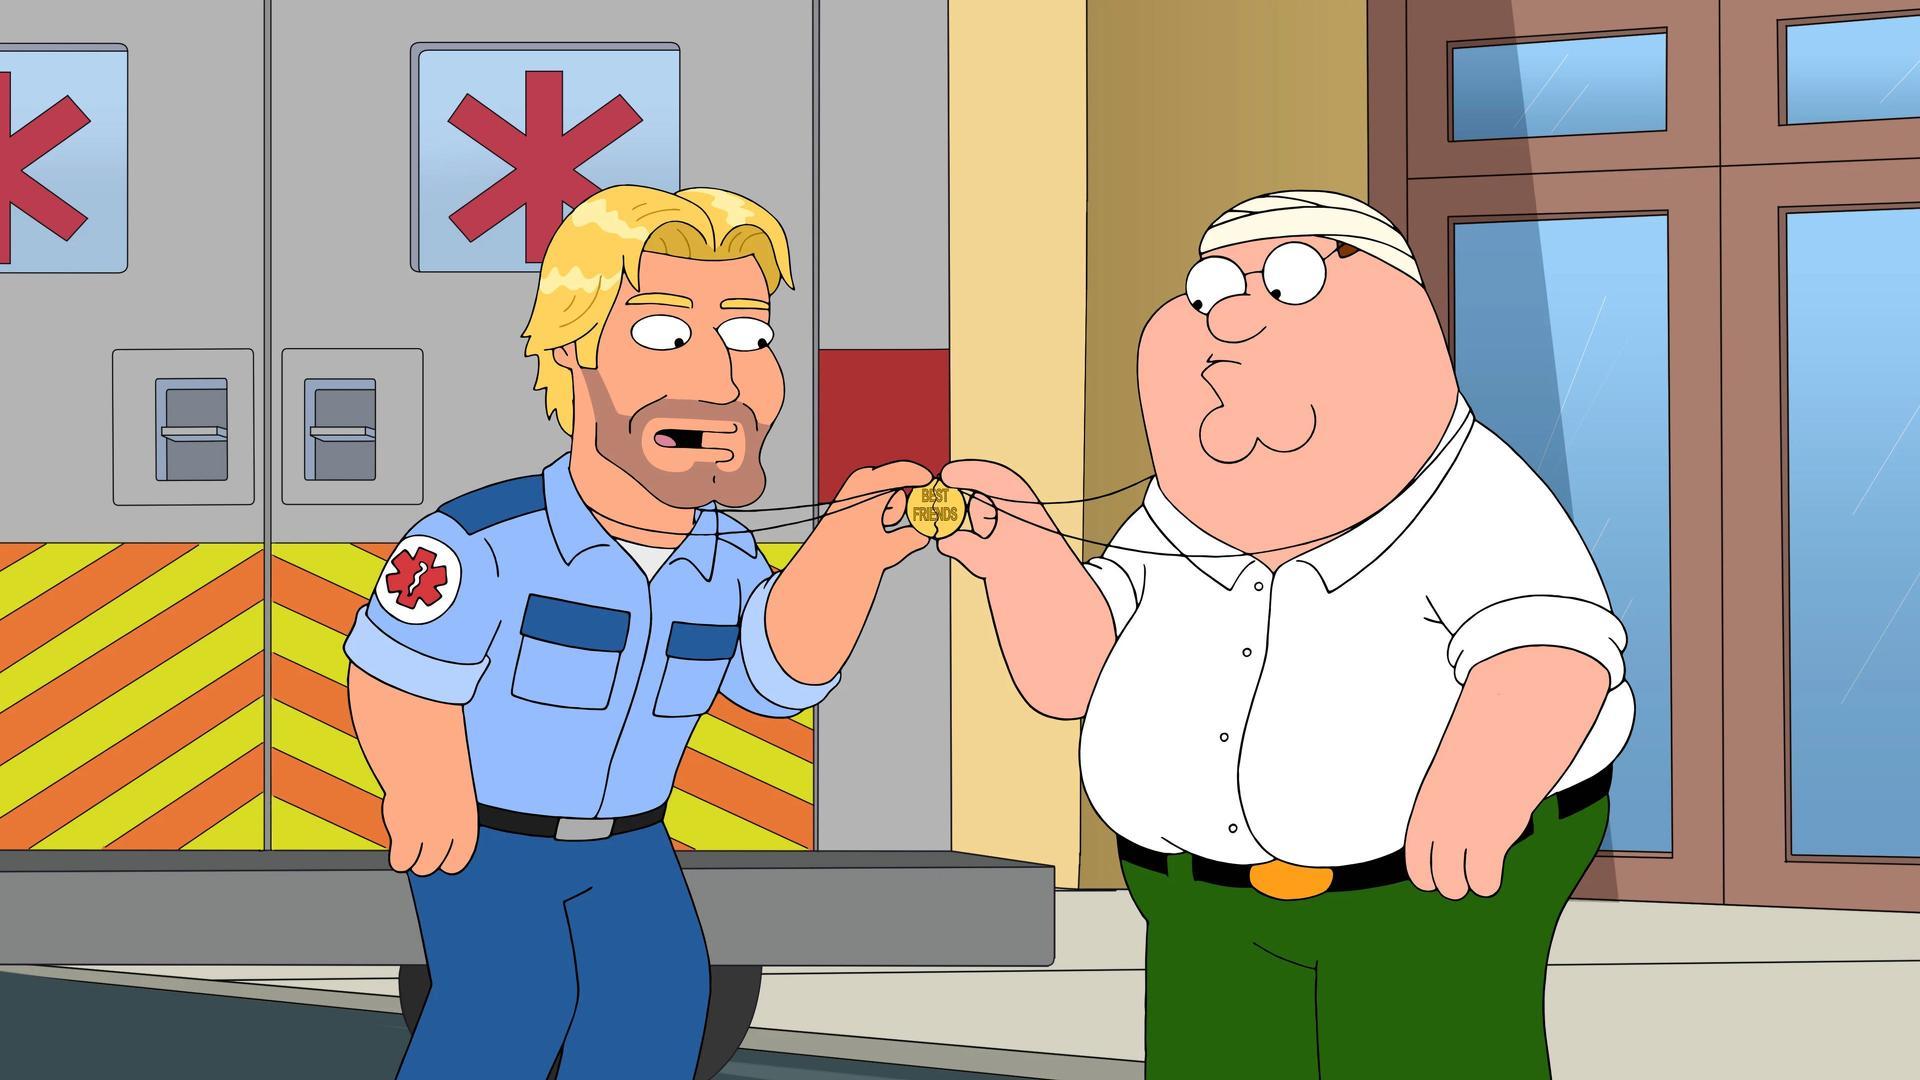 s16e01 emmy winning family guy - Family Guy Christmas Episodes